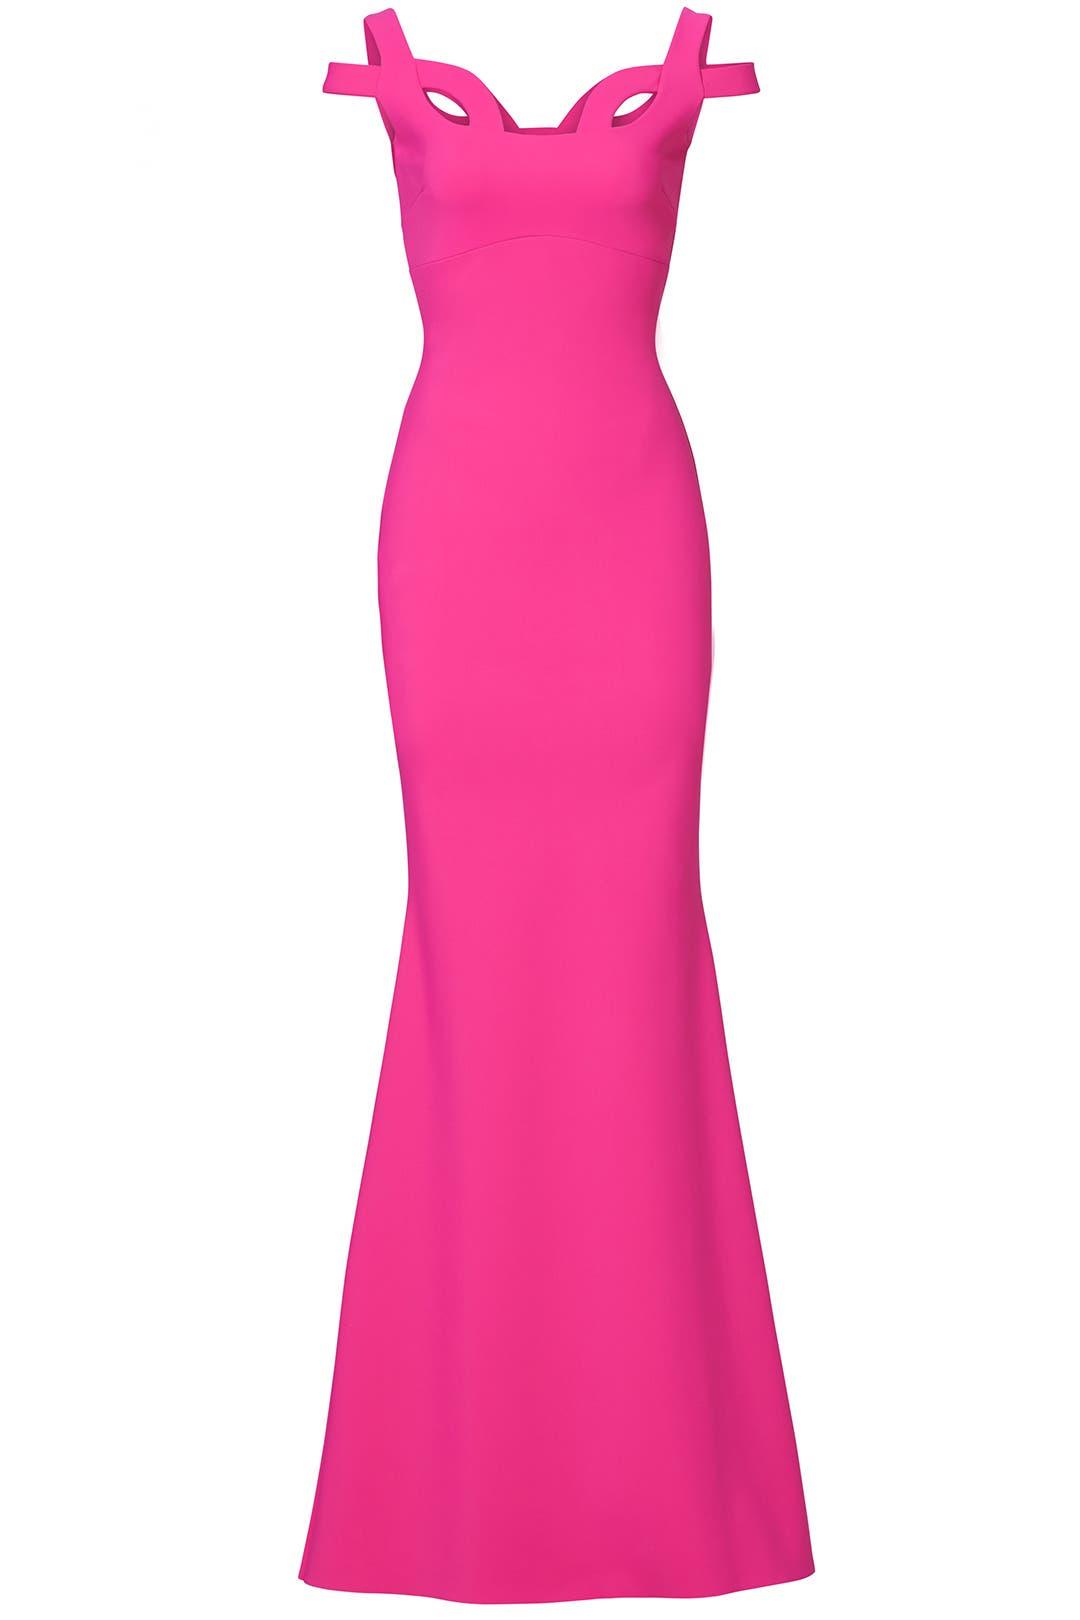 Pink Every Gown by La Petite Robe di Chiara Boni for $130 - $150 ...